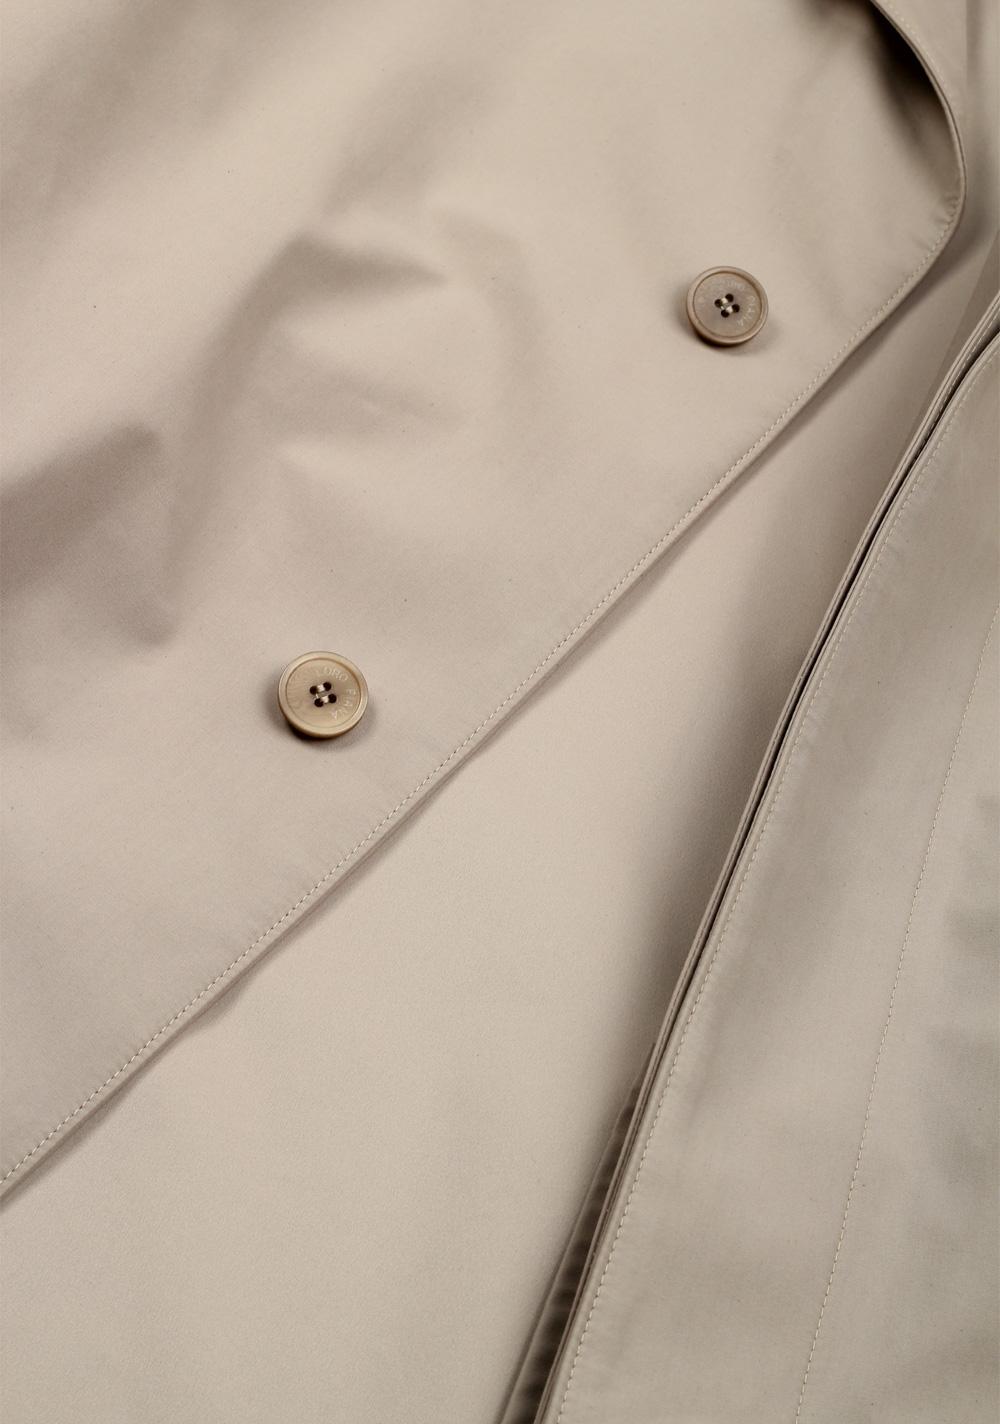 Loro Piana Beige Storm System Rain Coat Size Xl Outerwear | Costume Limité